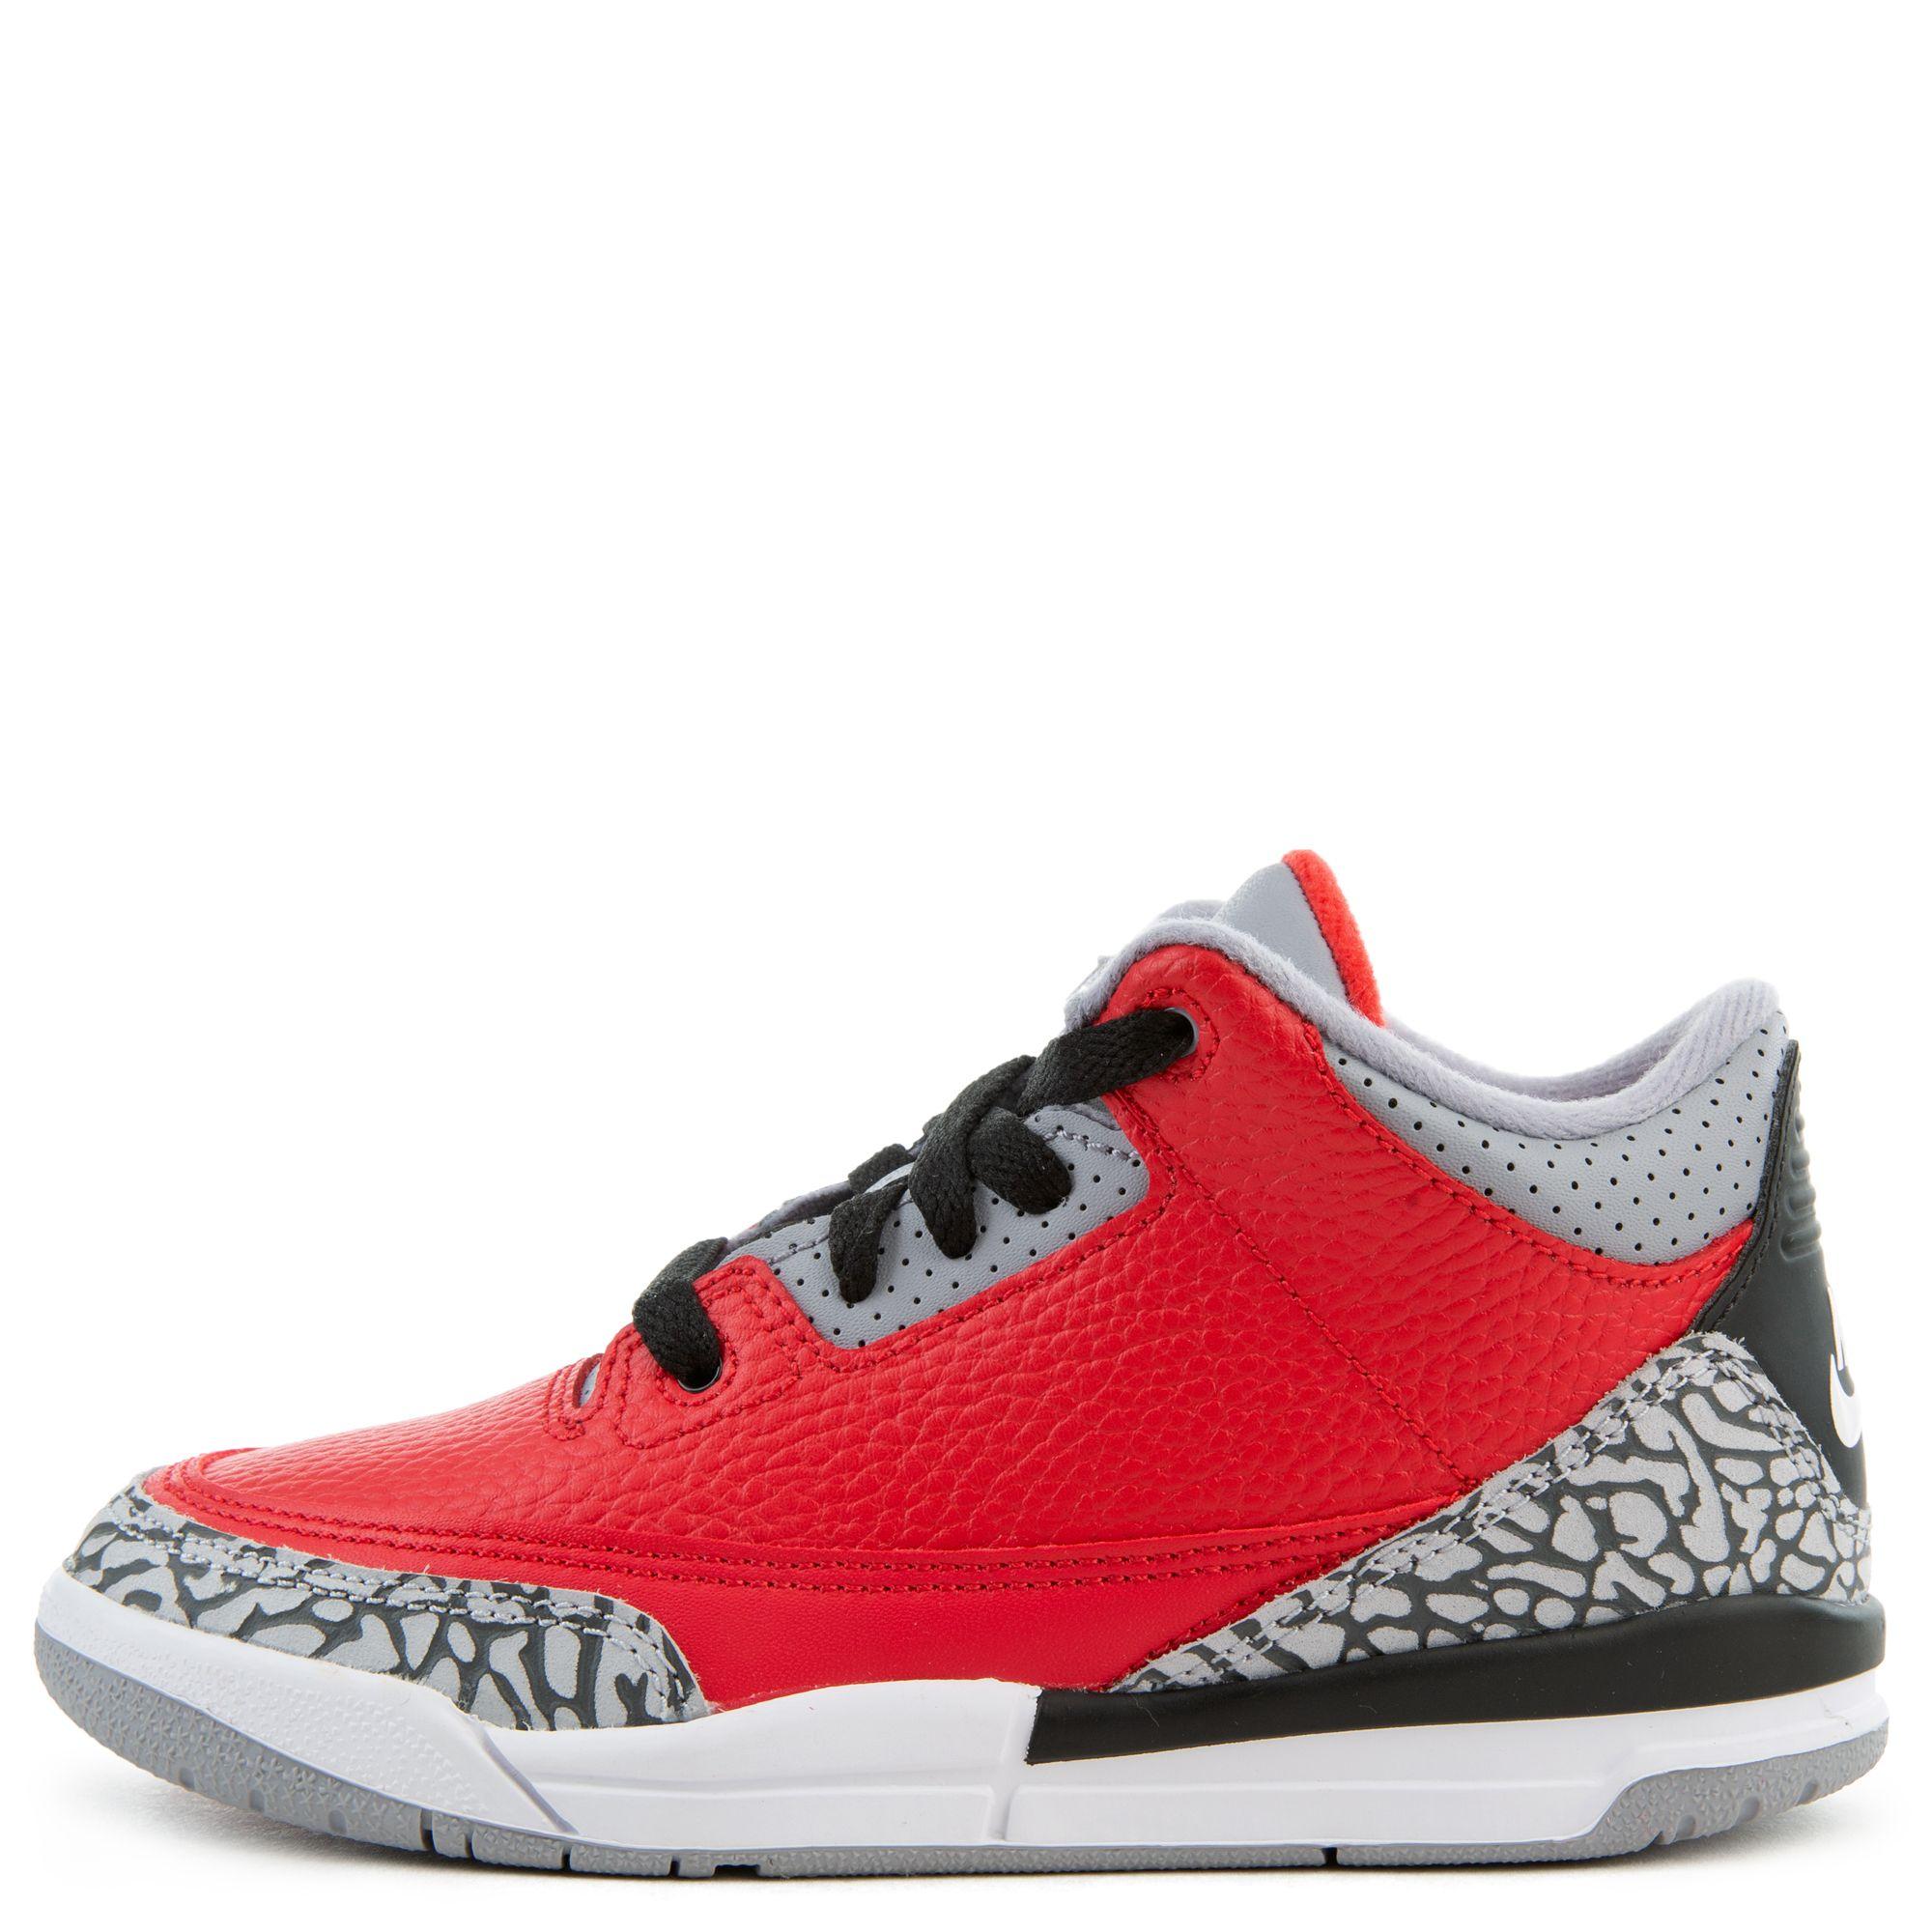 PS) Jordan 3 Retro SE